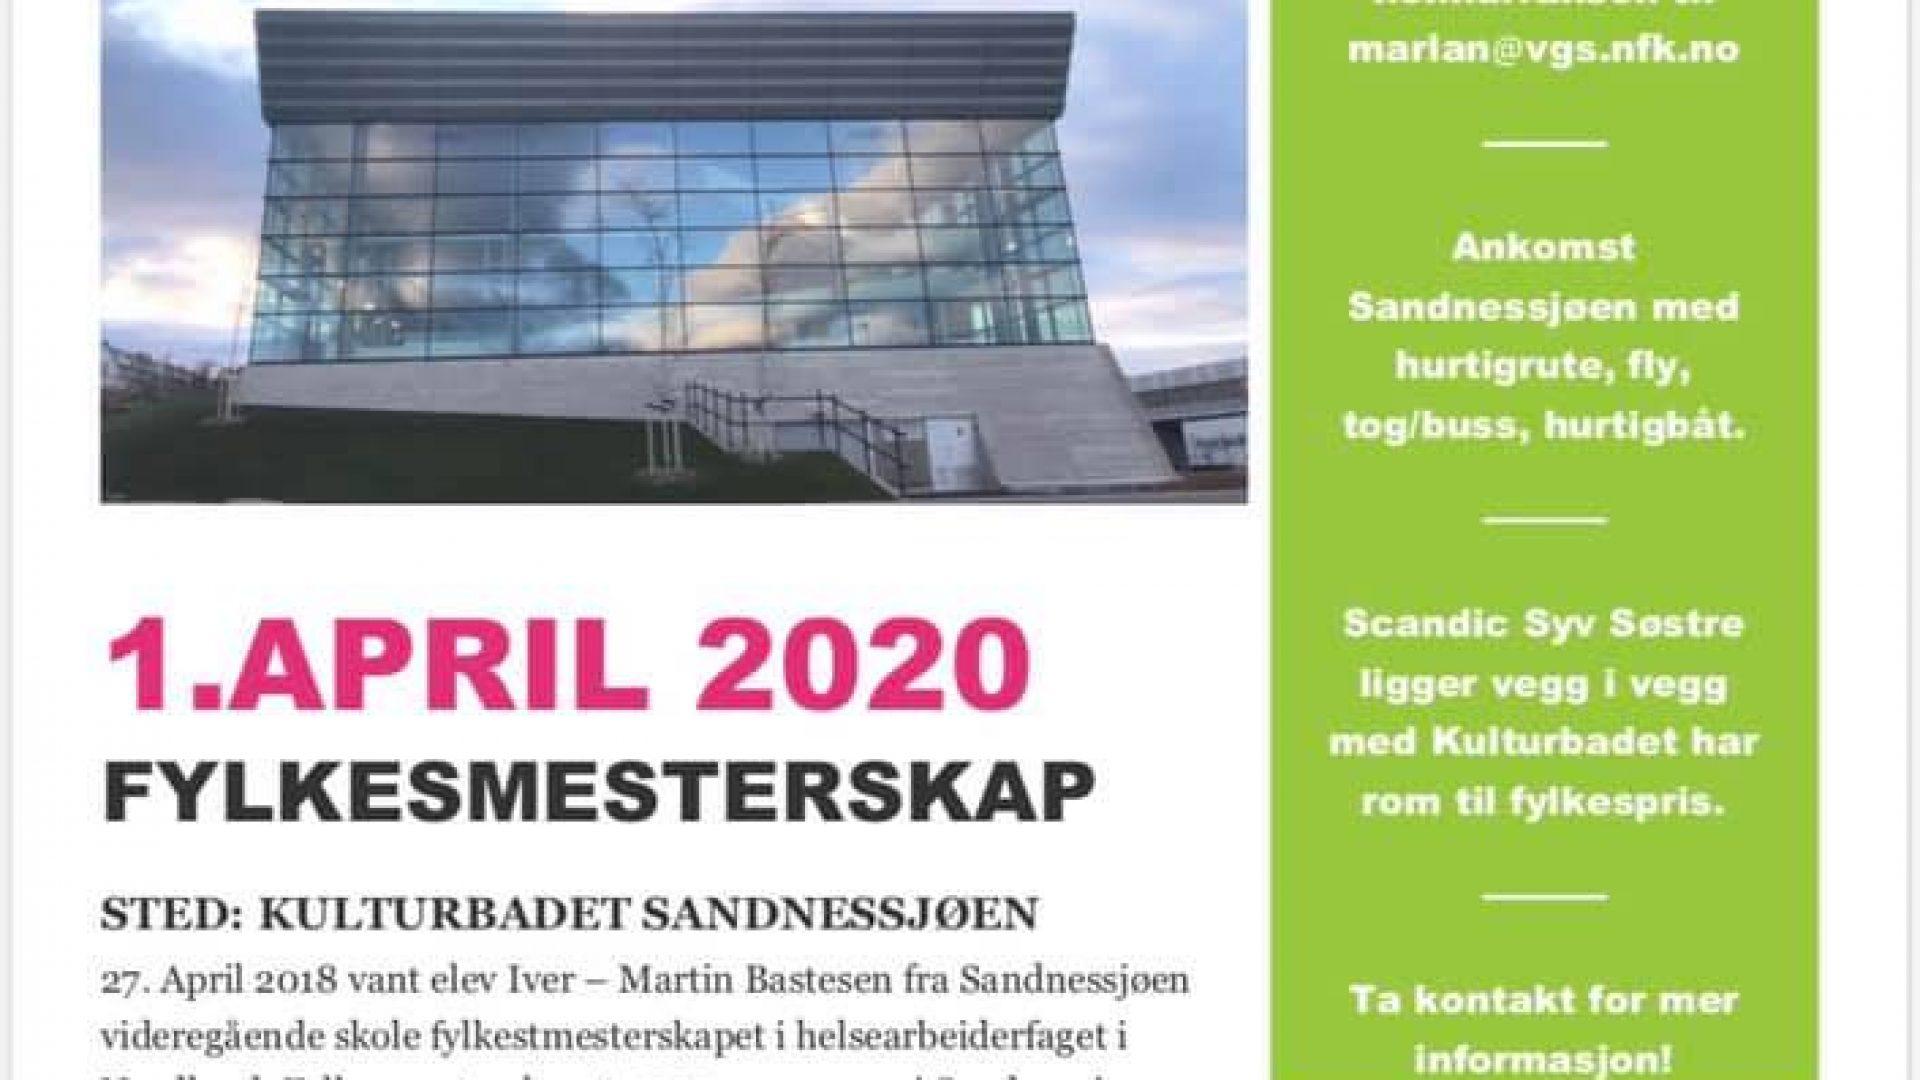 Plakat med informasjon om fylkesmesterskap helsefagarbeid. Bilde av flott bygg med glassflater.